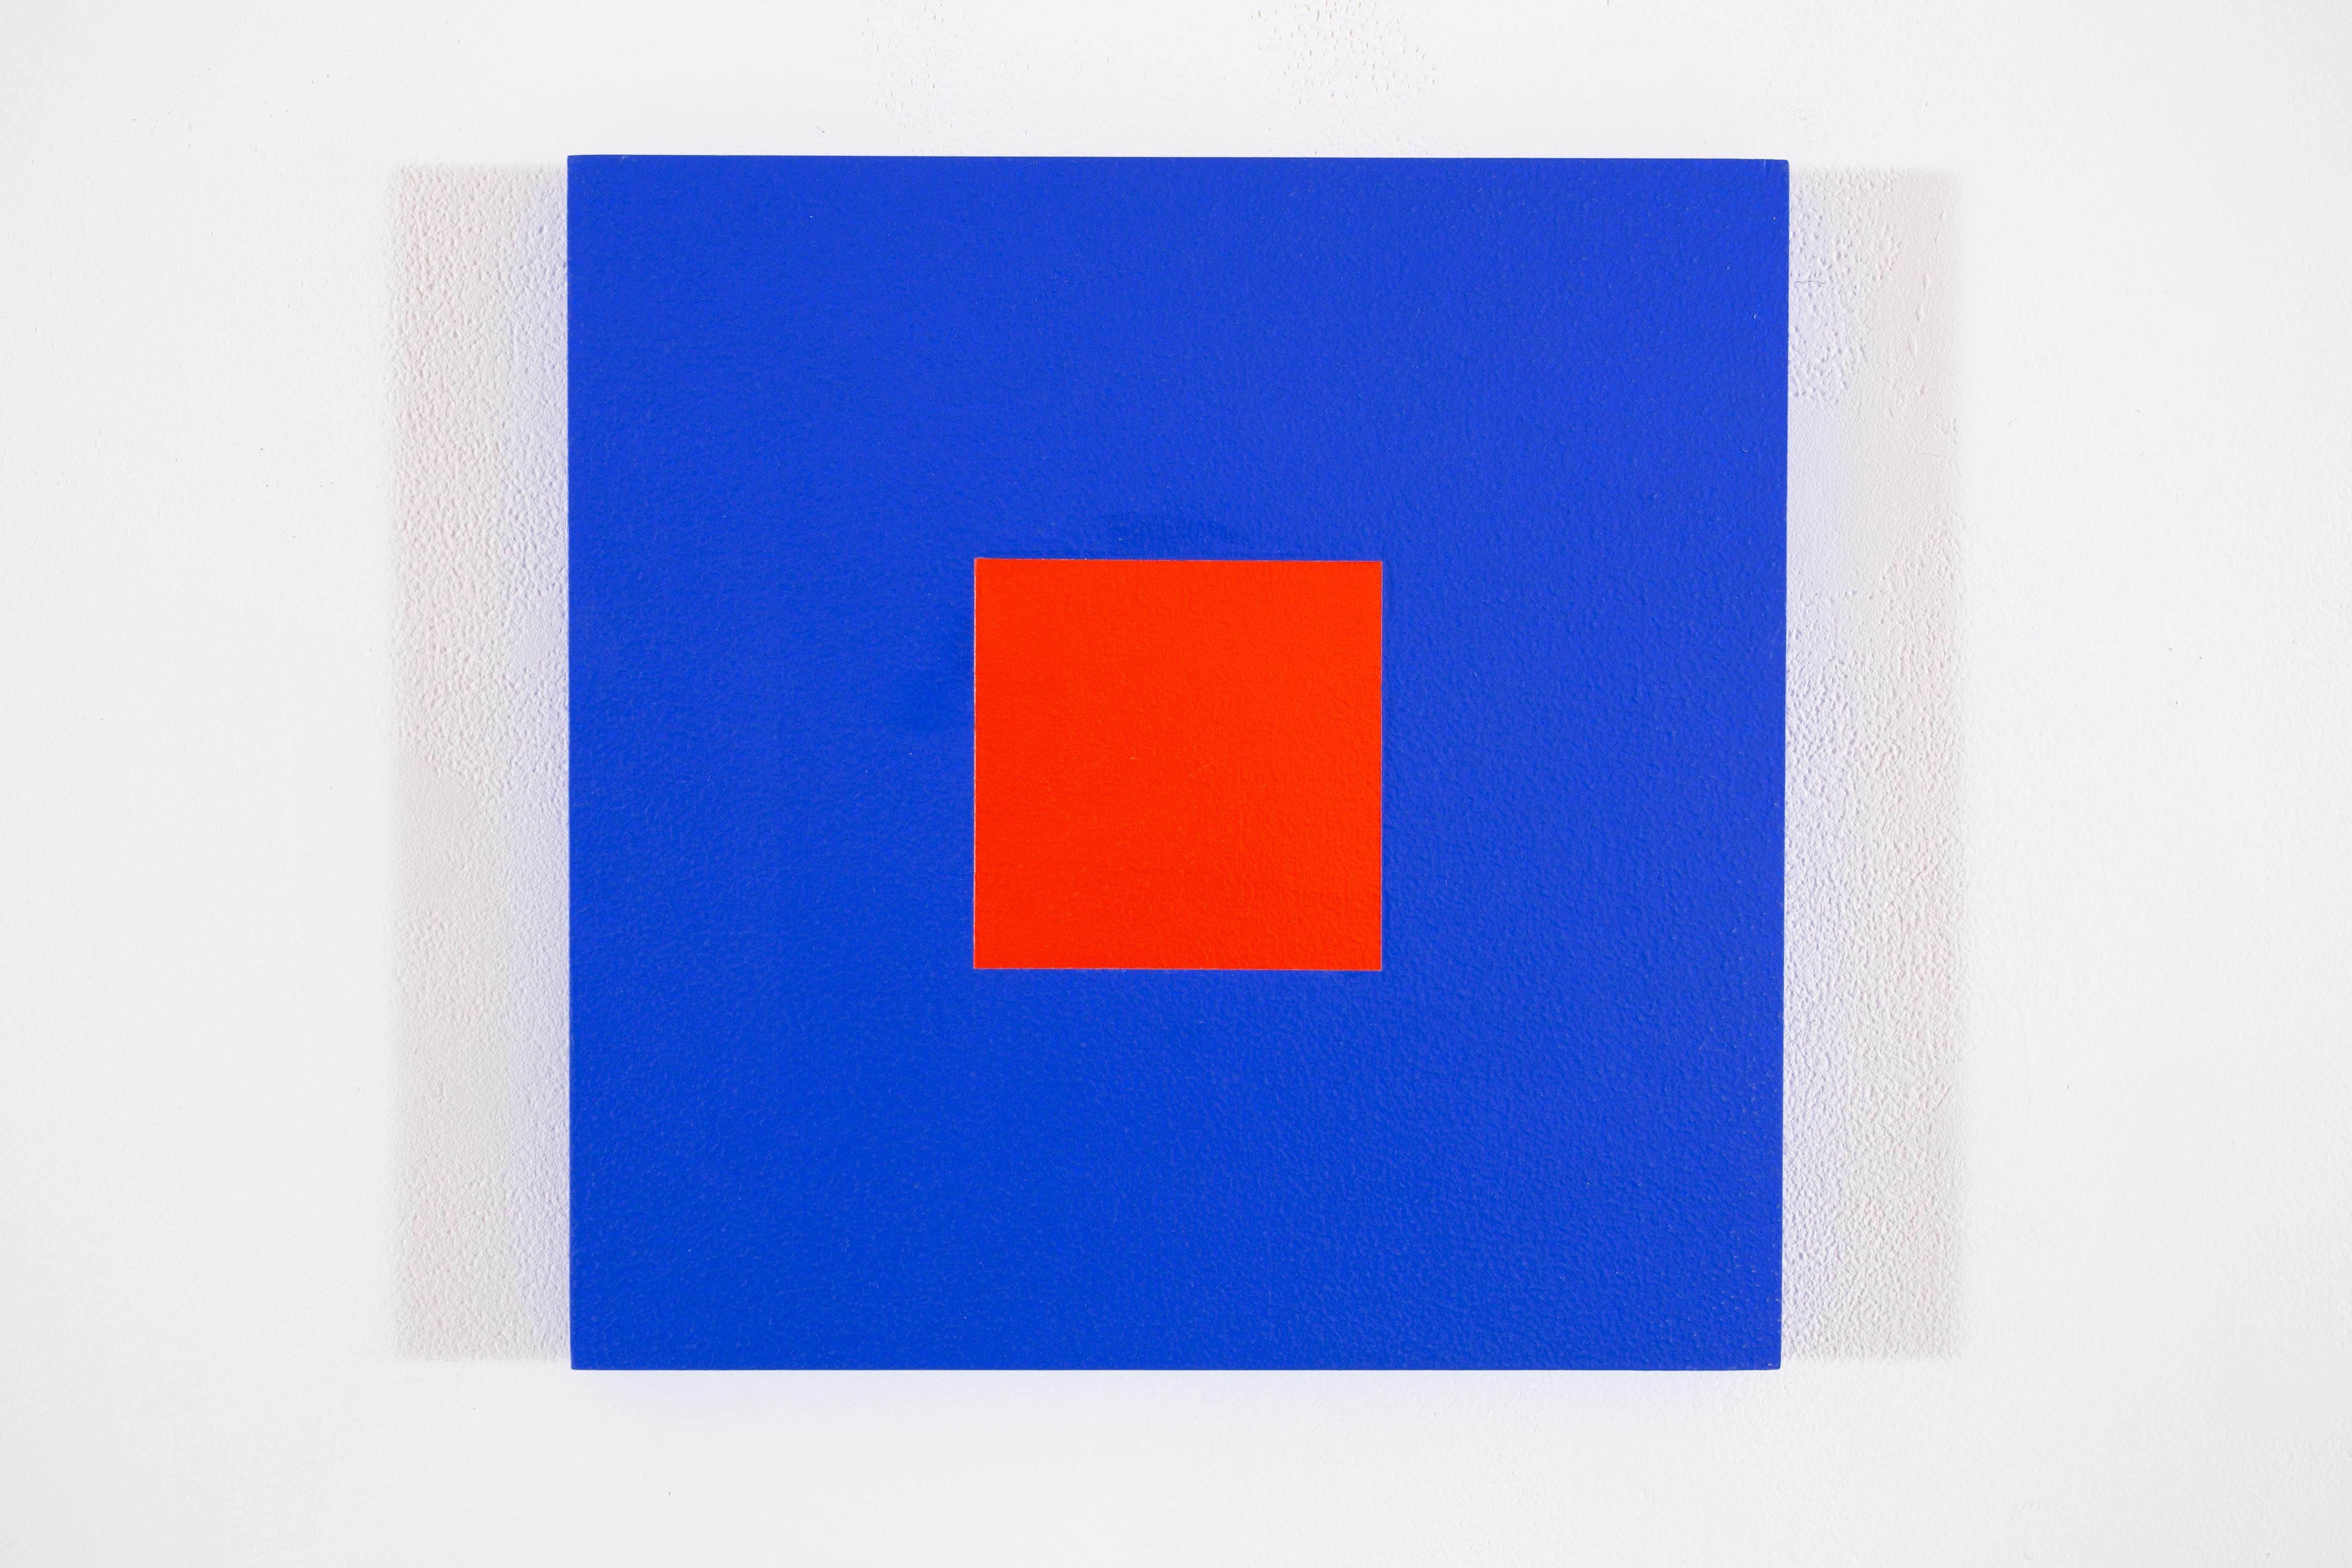 Blue cobalt + rouge red